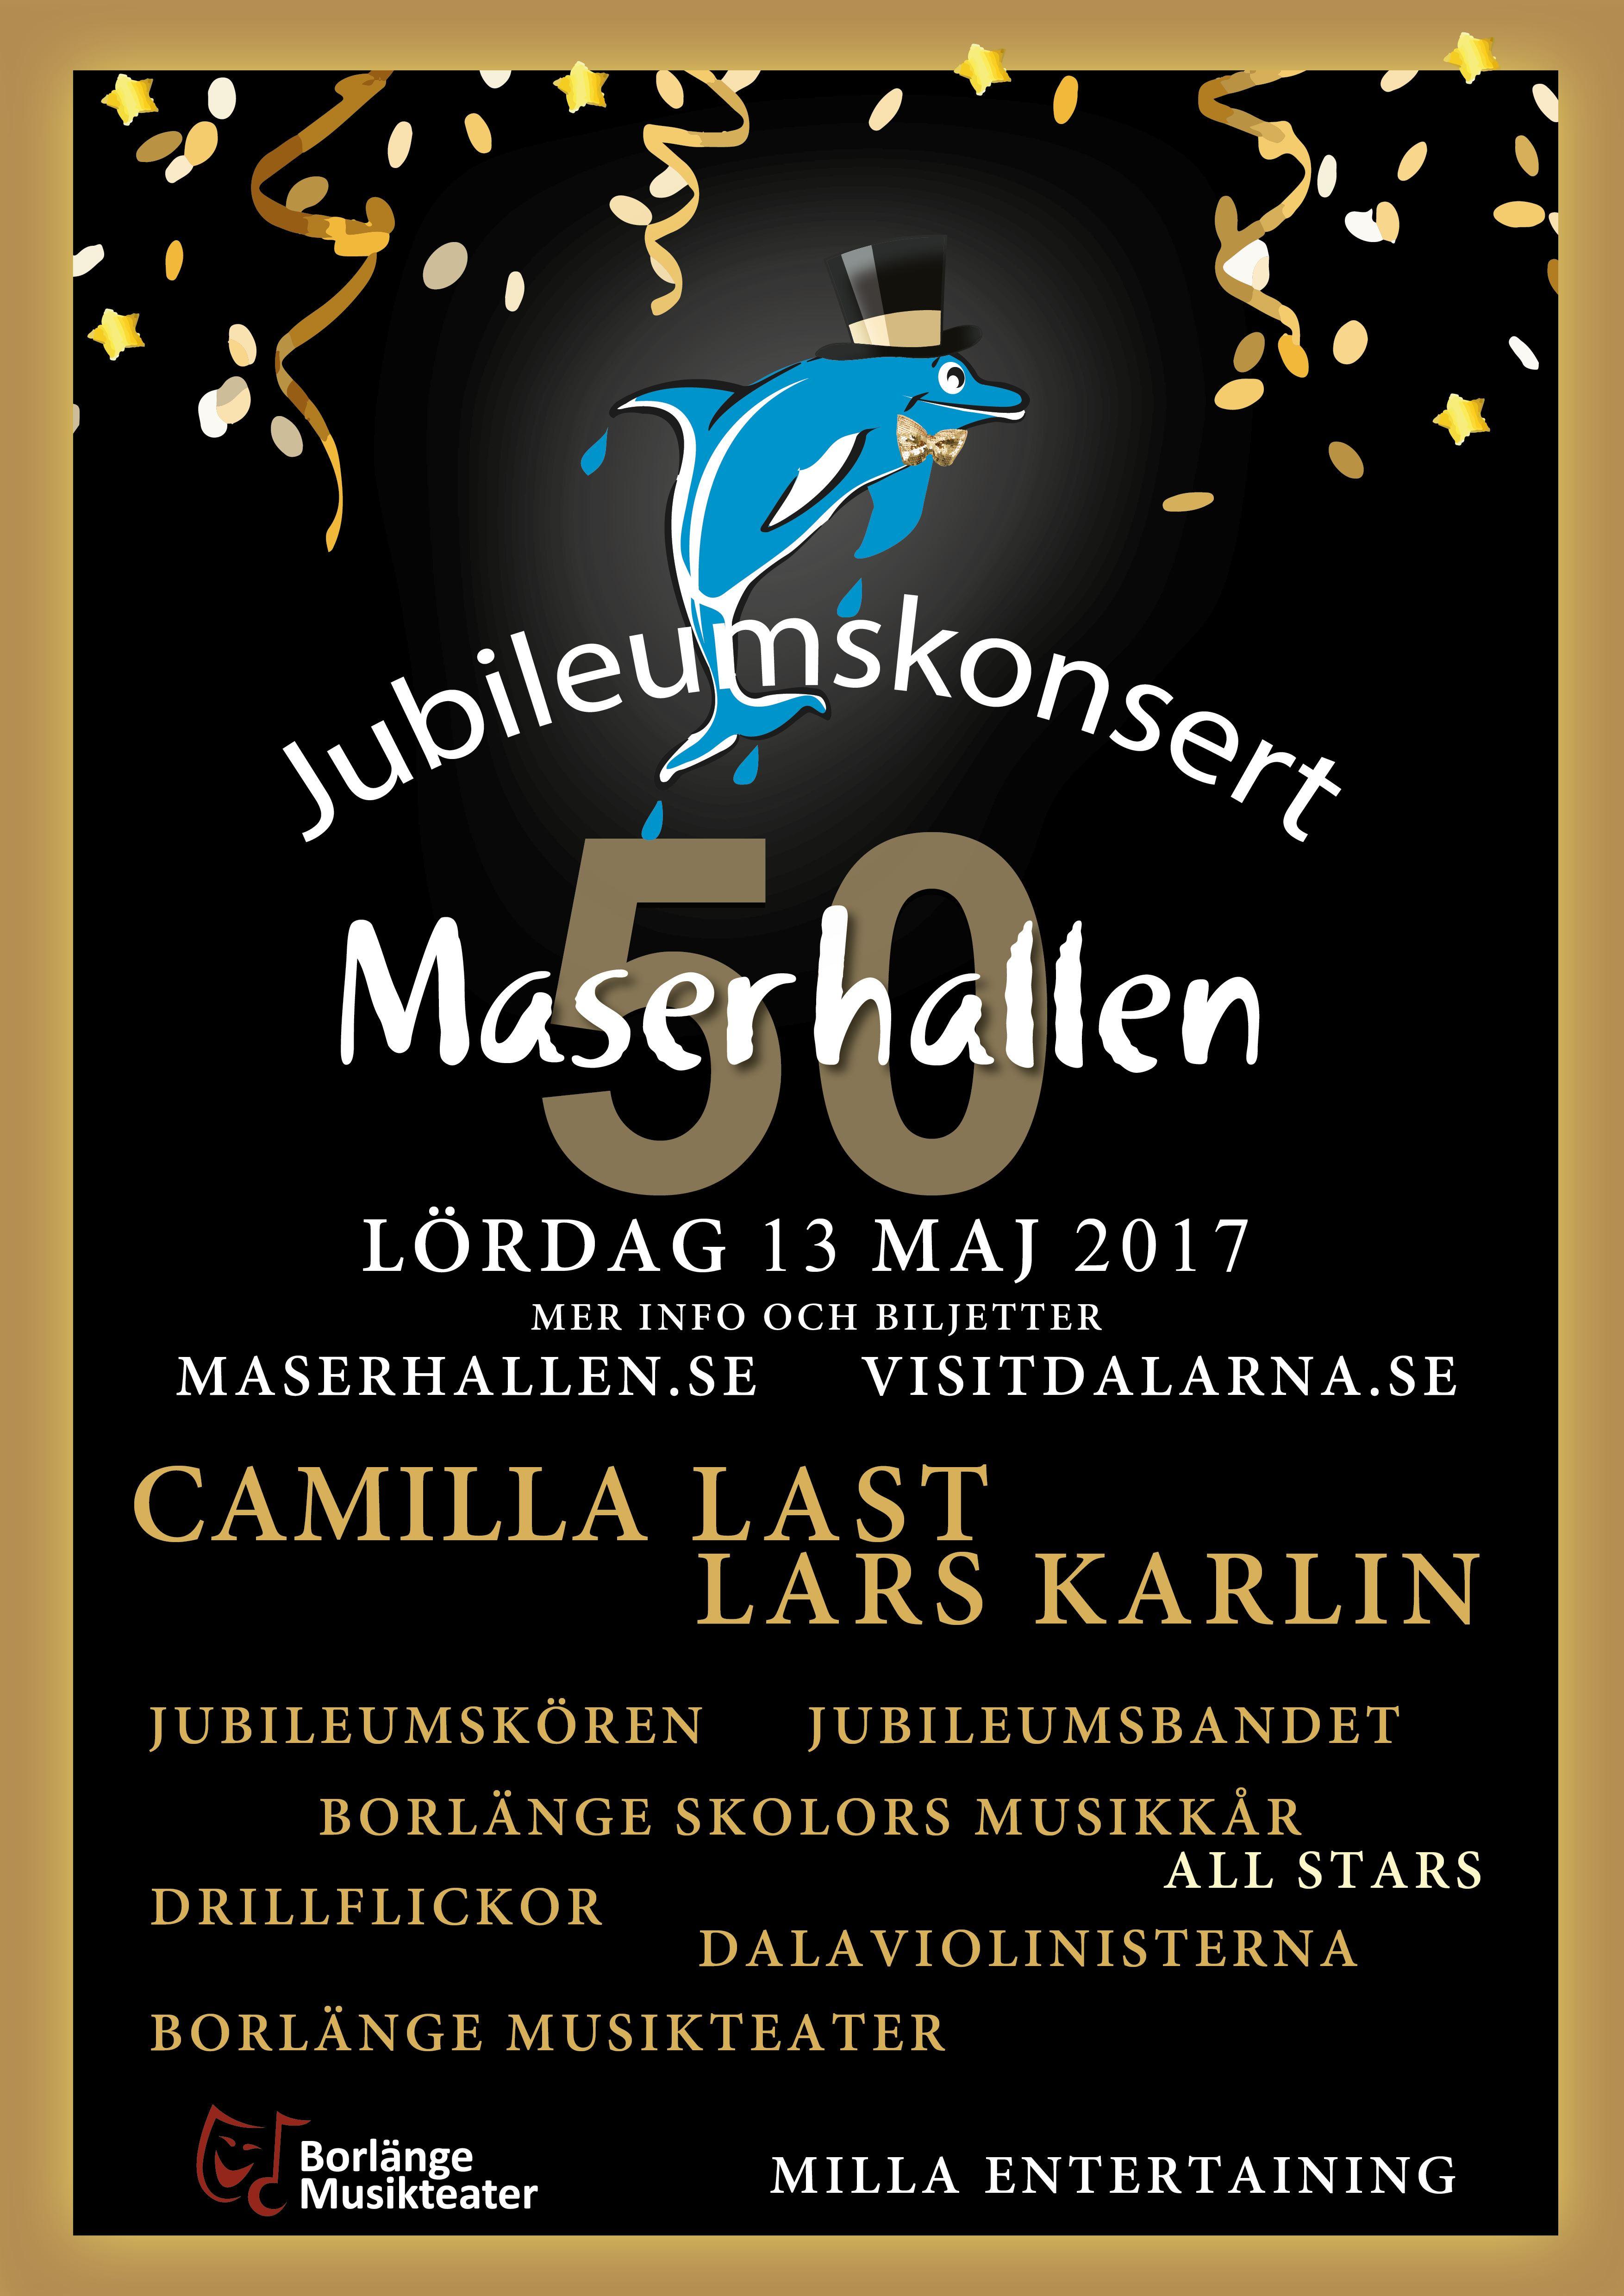 Inställd- Maserhallen 50 år - Jubileumskonsert